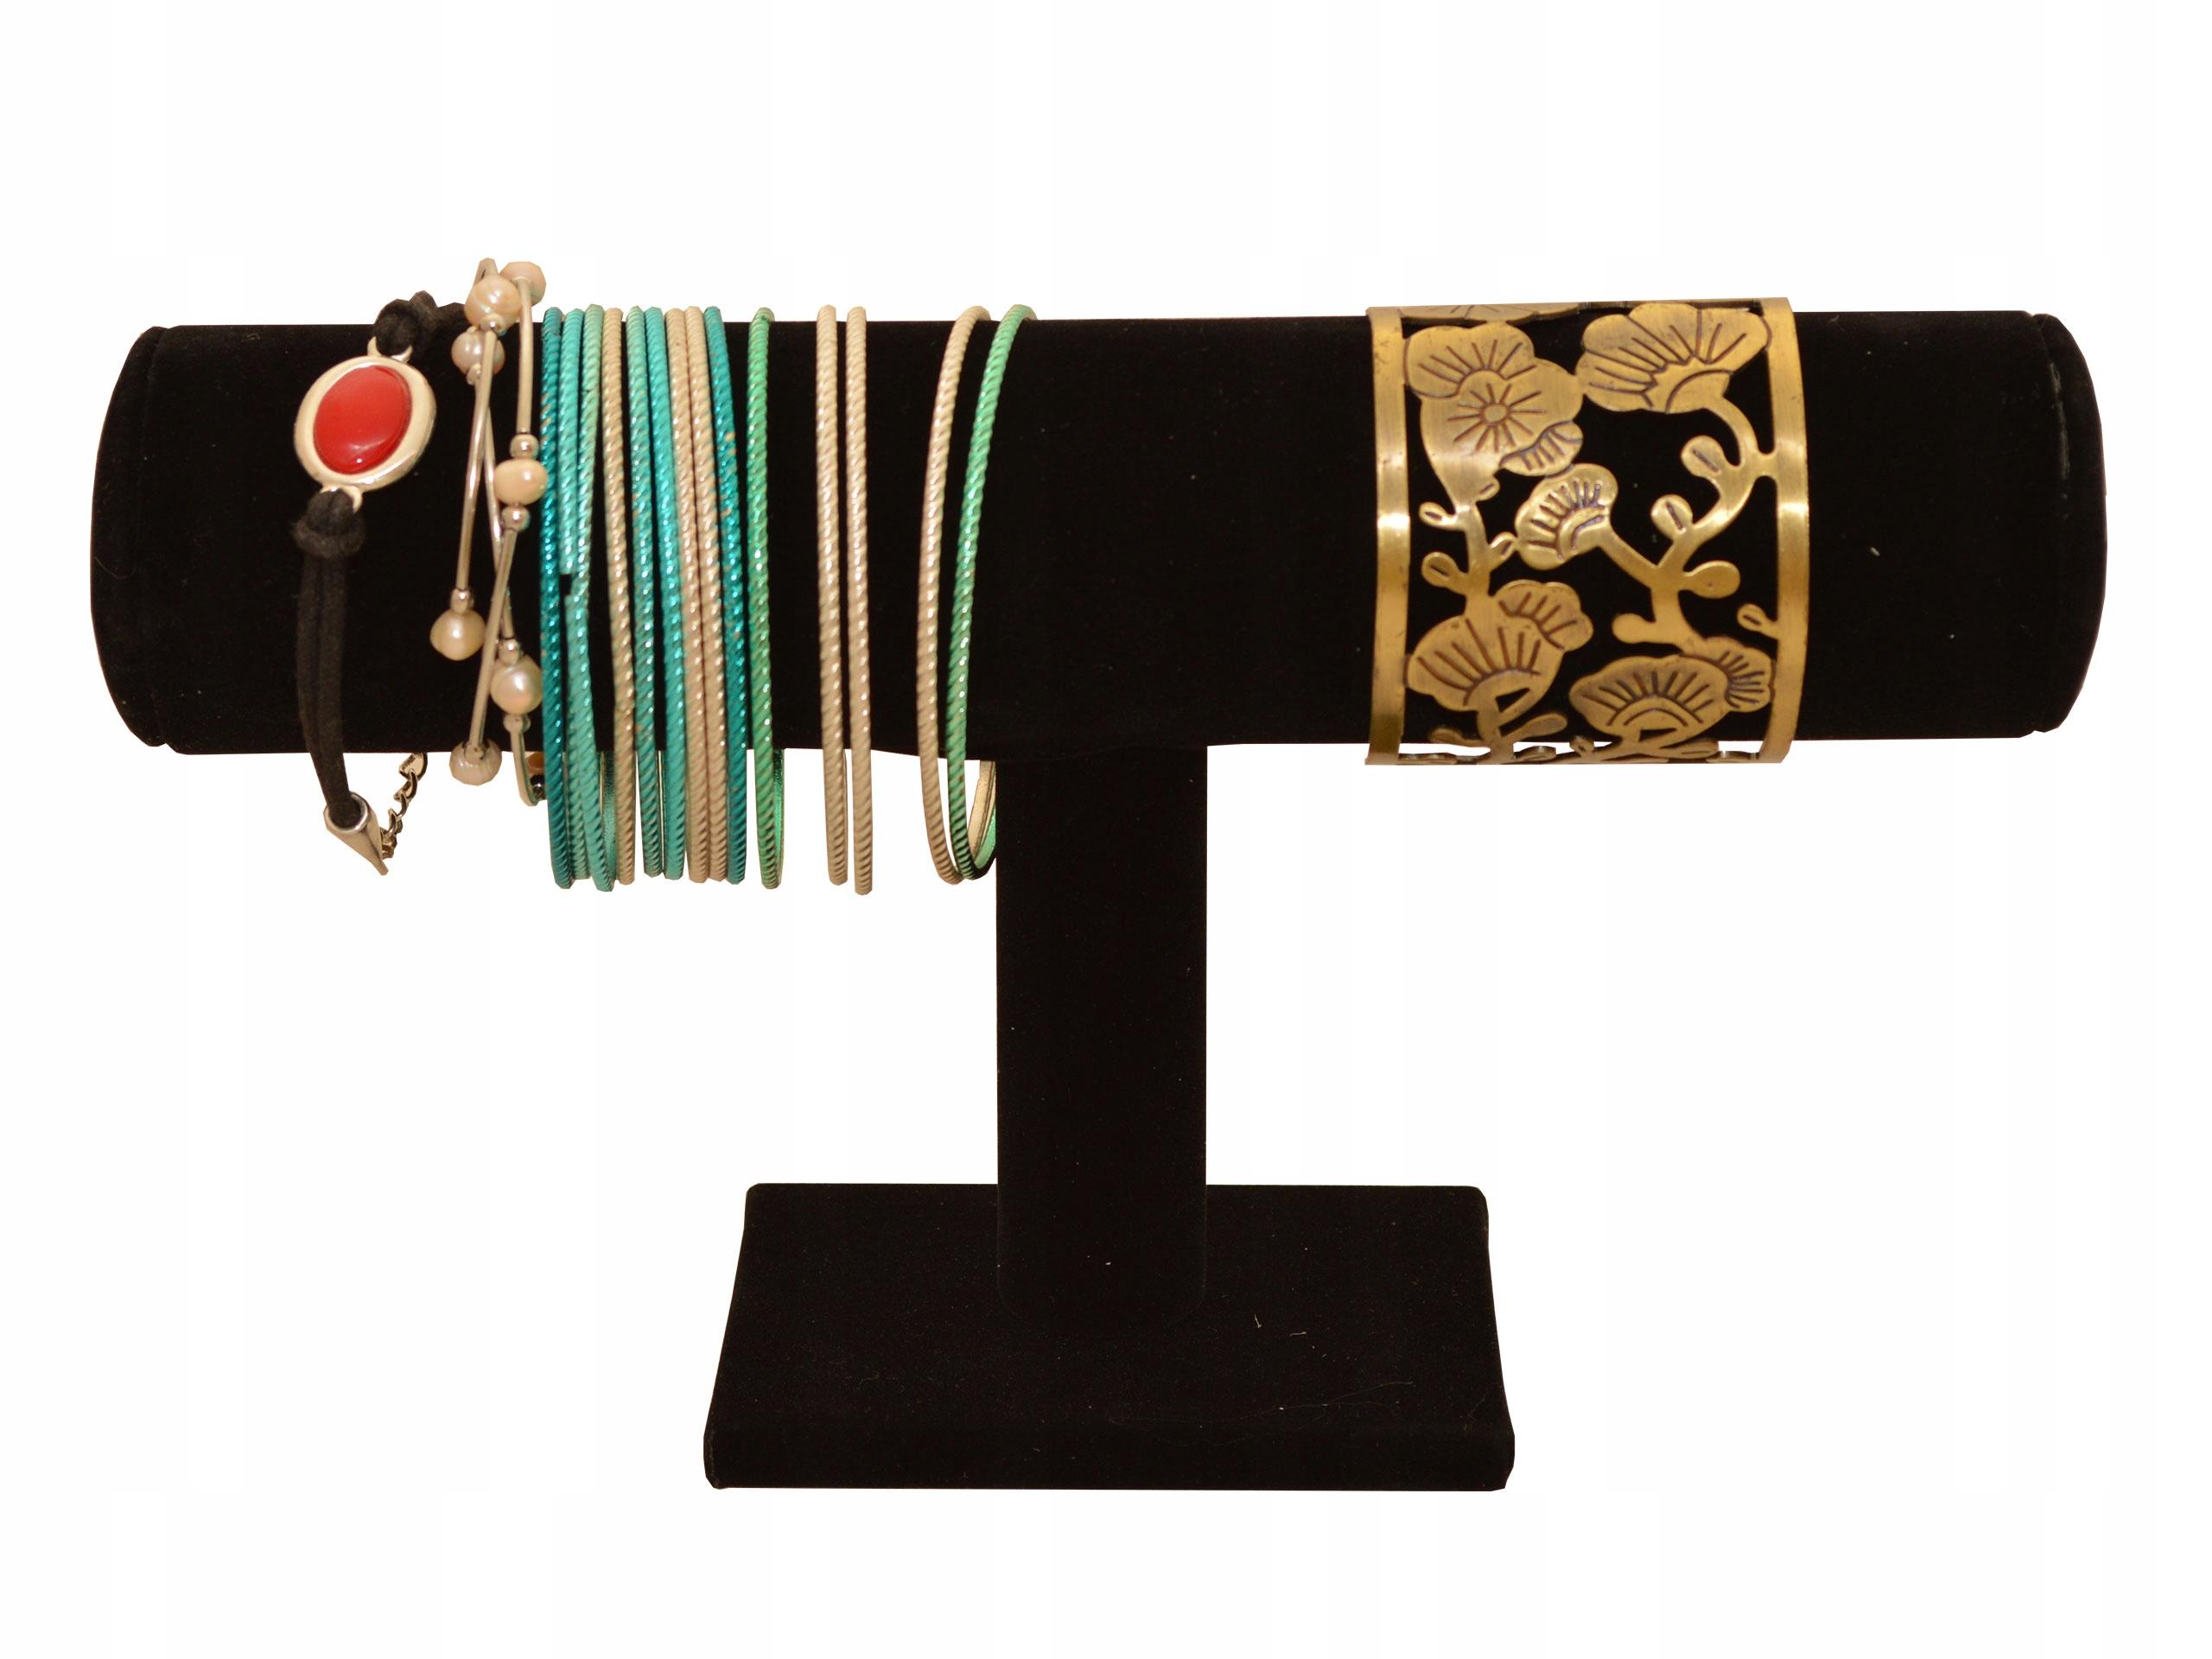 Šperky displej hodinky náramky stojan